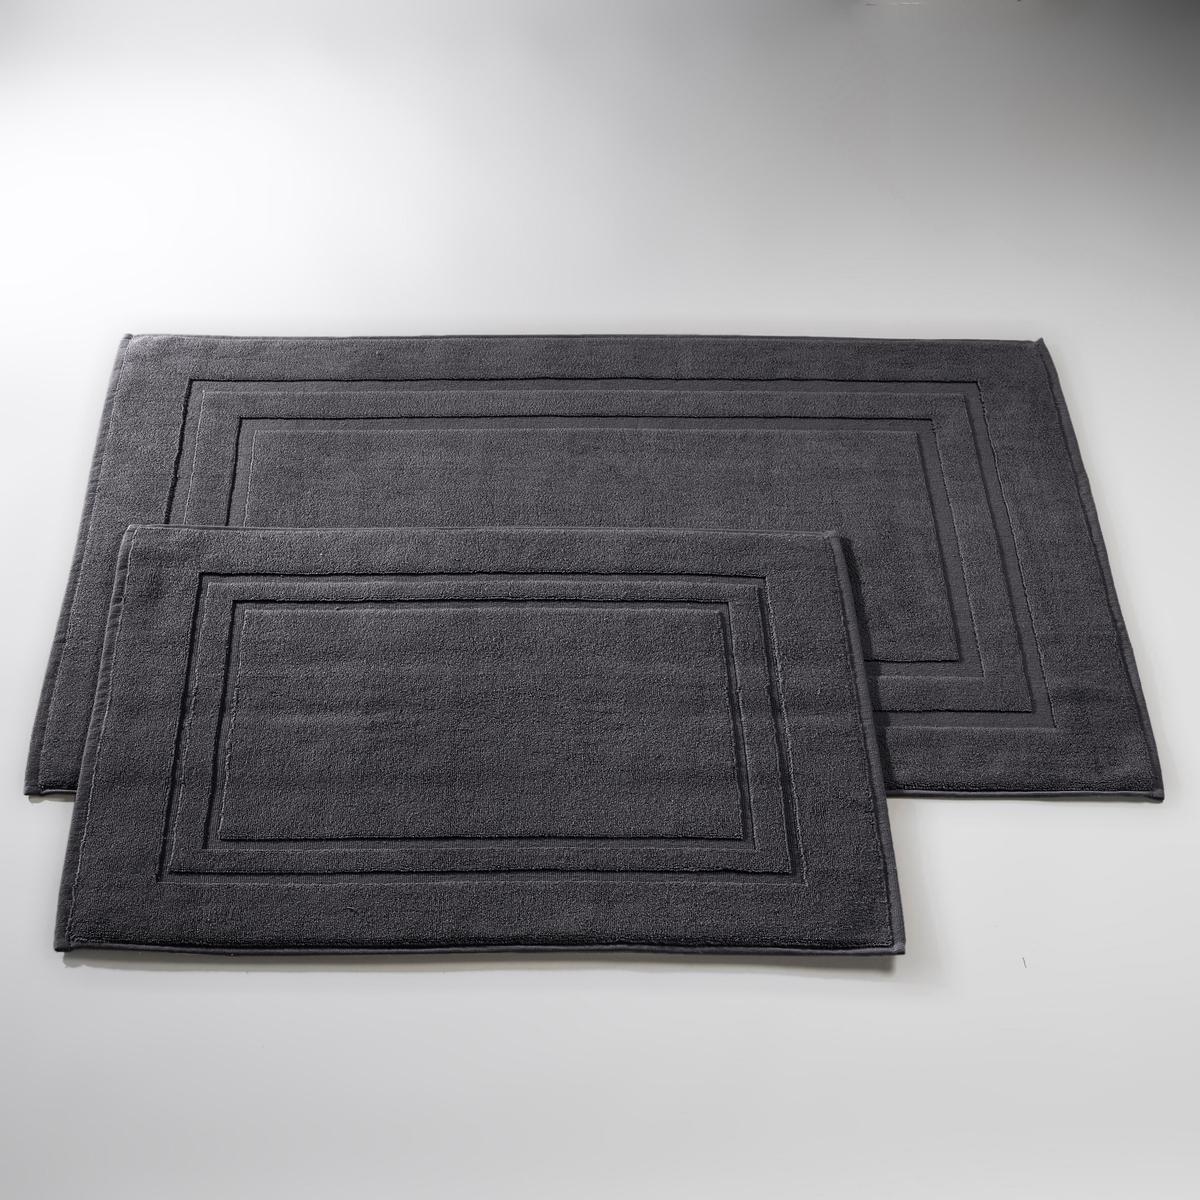 Коврик La Redoute Для ванной гм 60 x 60 см черный лежак для животных dogmoda классика 60 x 50 x 16 см